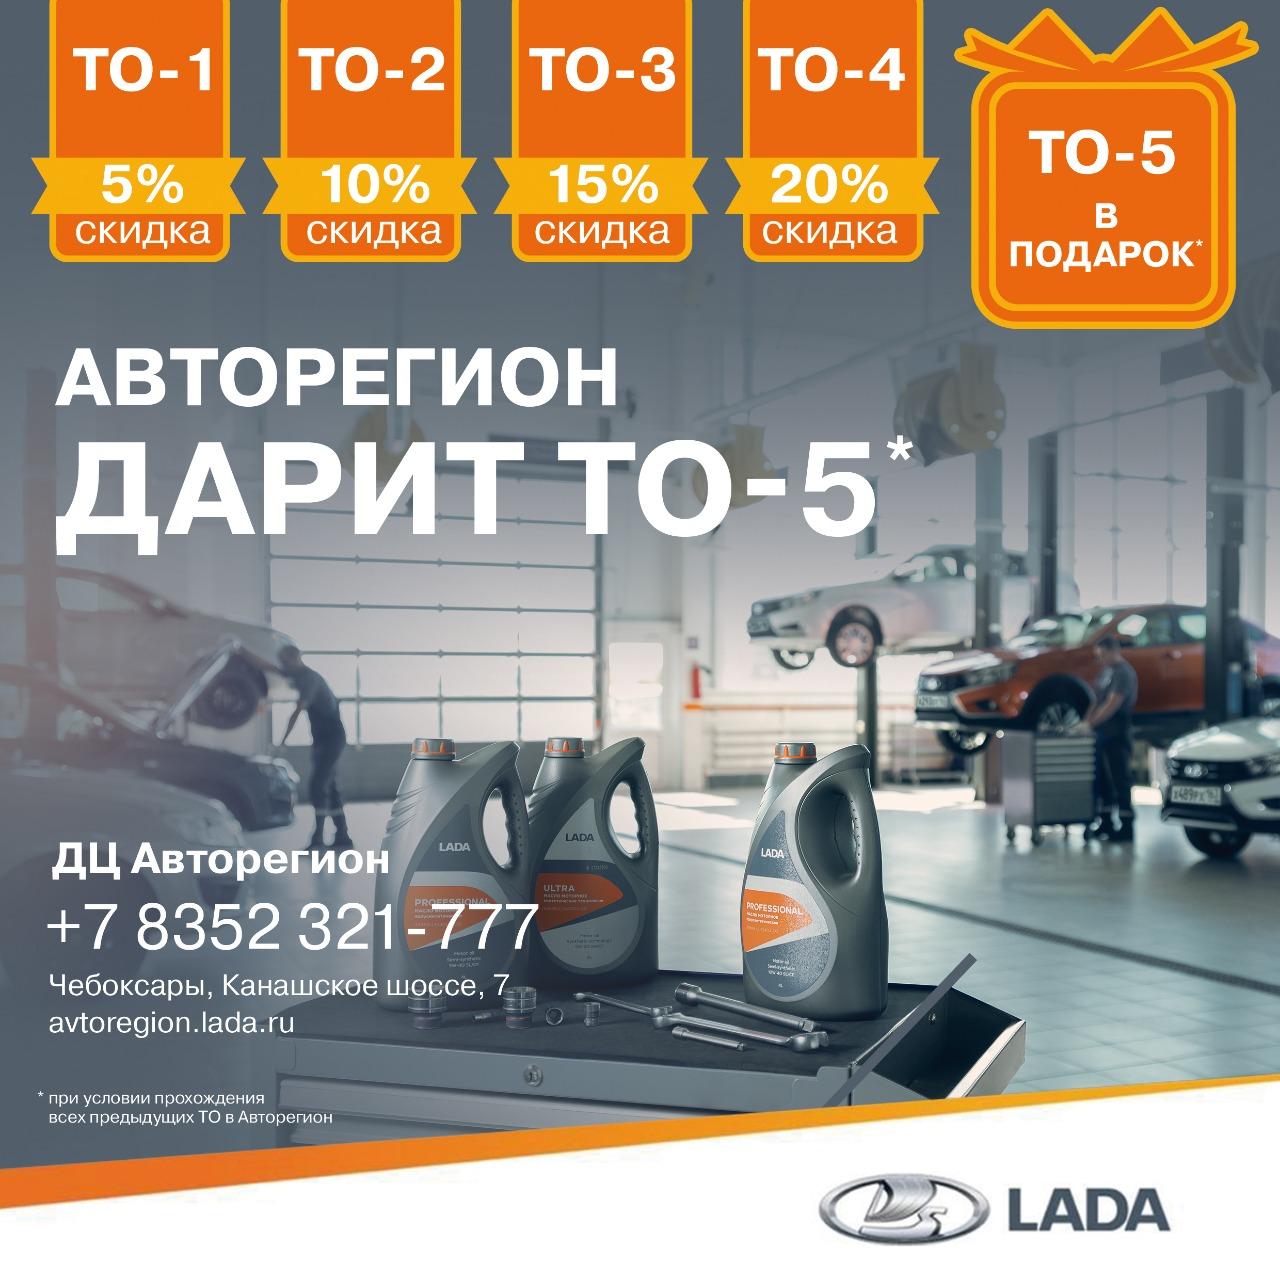 ТО-5 в подарок в ДЦ АВТОРЕГИОН